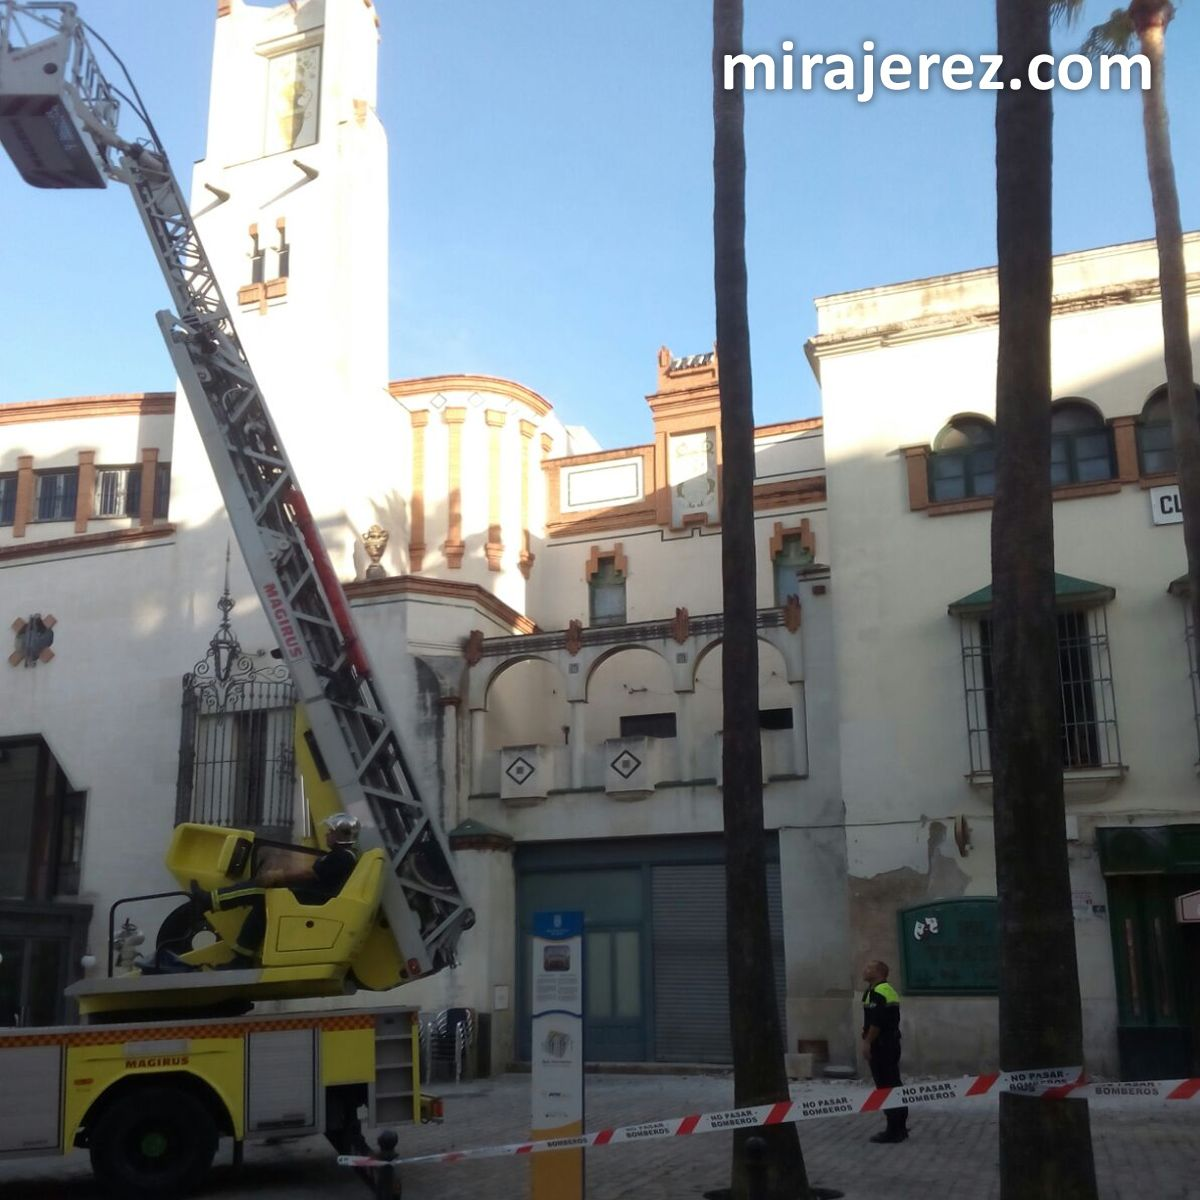 bomberos-cornisa-del-edificio-de-la-pena-los-100-4